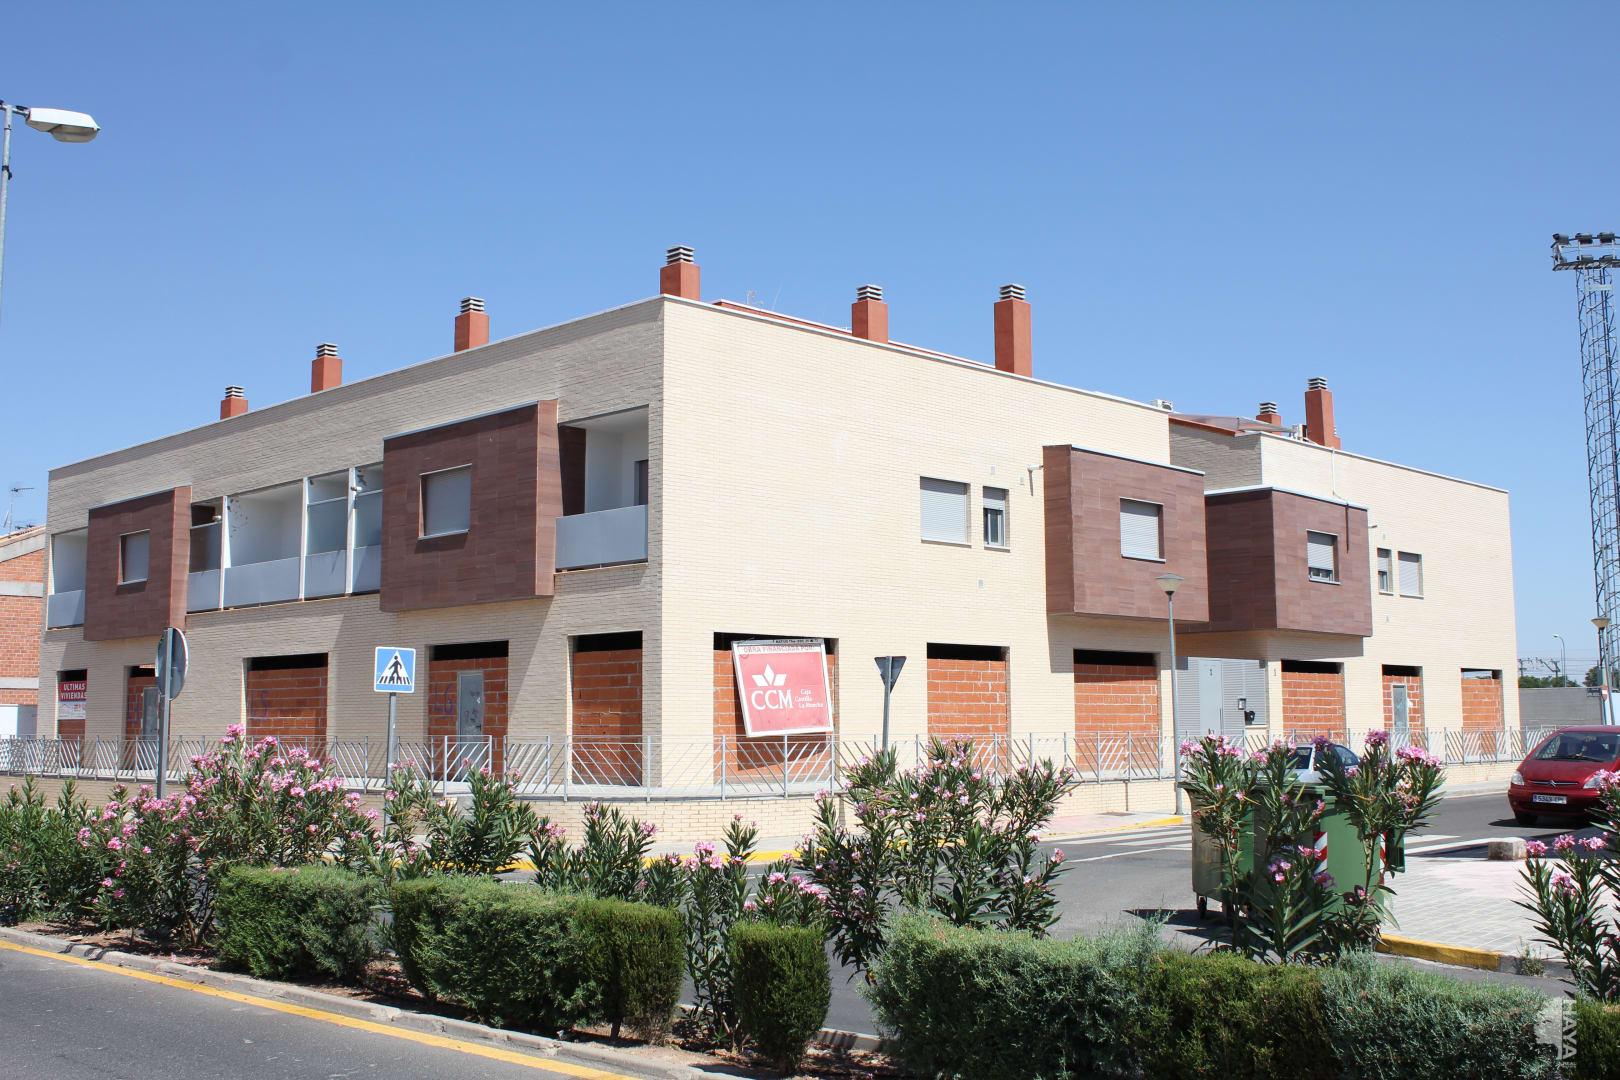 Piso en venta en Miguelturra, Ciudad Real, Calle Chavela Vargas, 50.600 €, 2 habitaciones, 1 baño, 119 m2